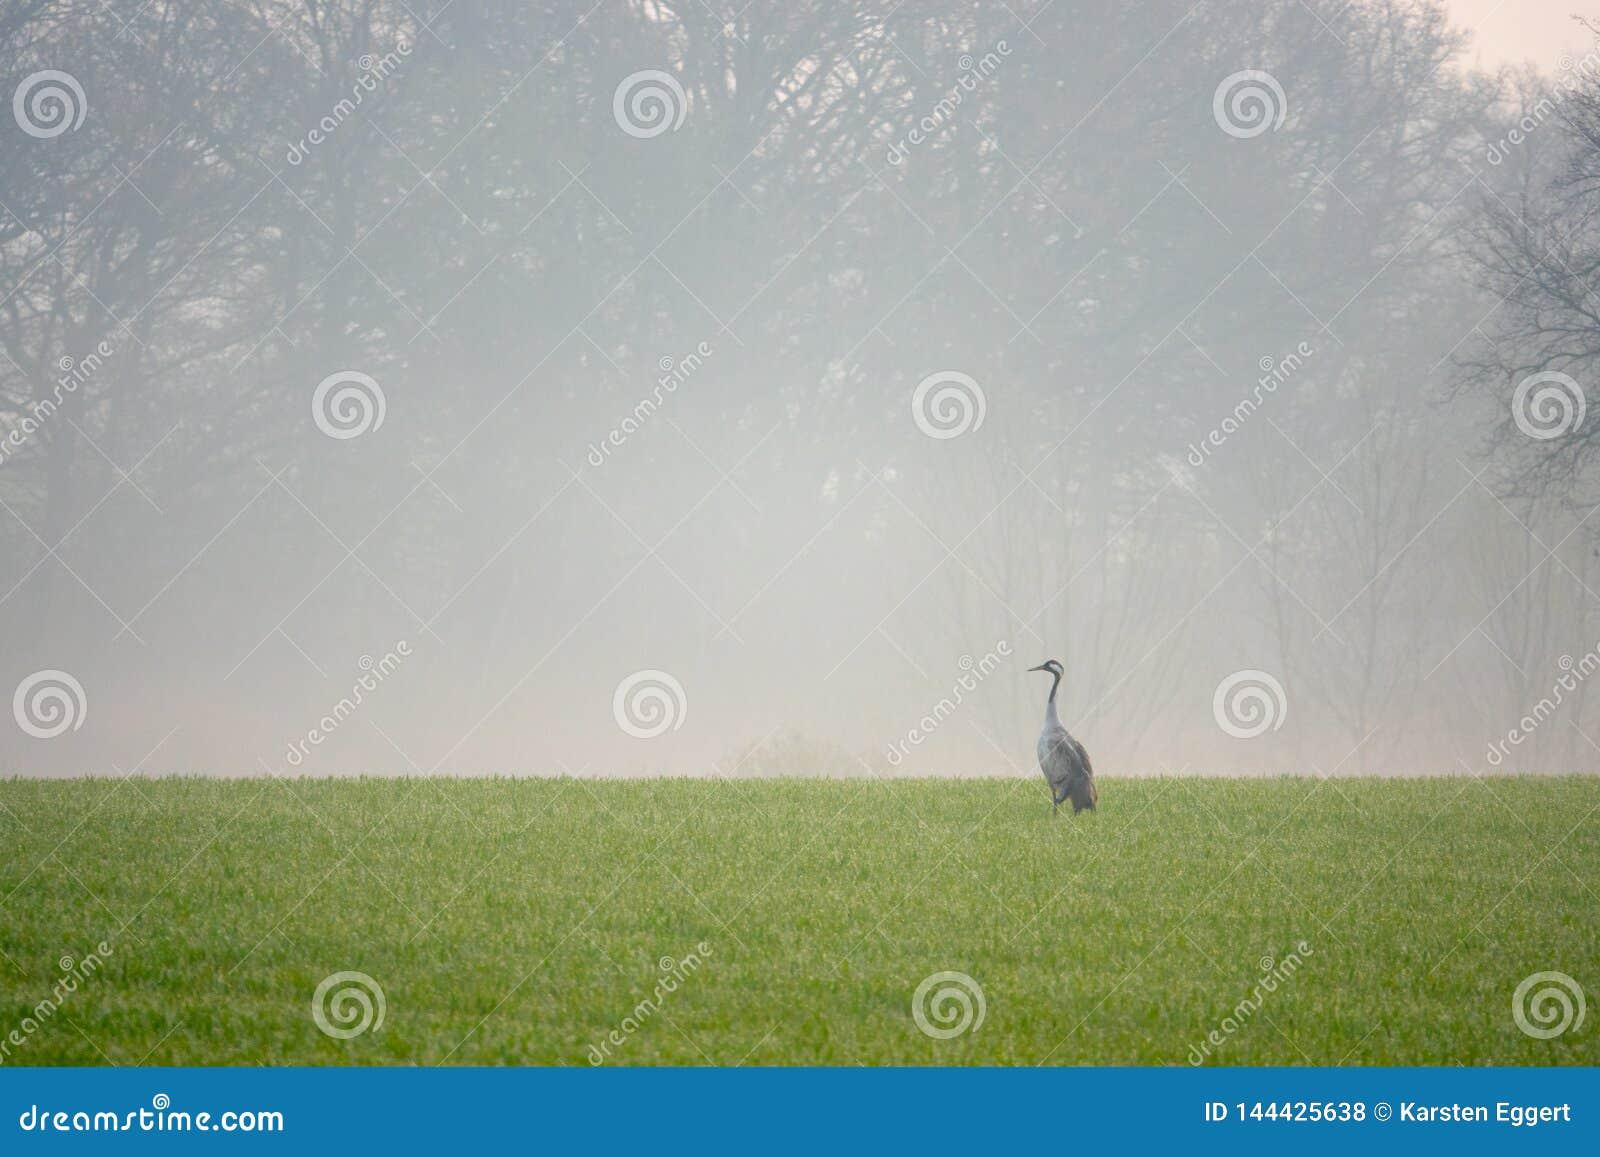 Jeden żuraw szuka jedzenie w polu wcześnie rano